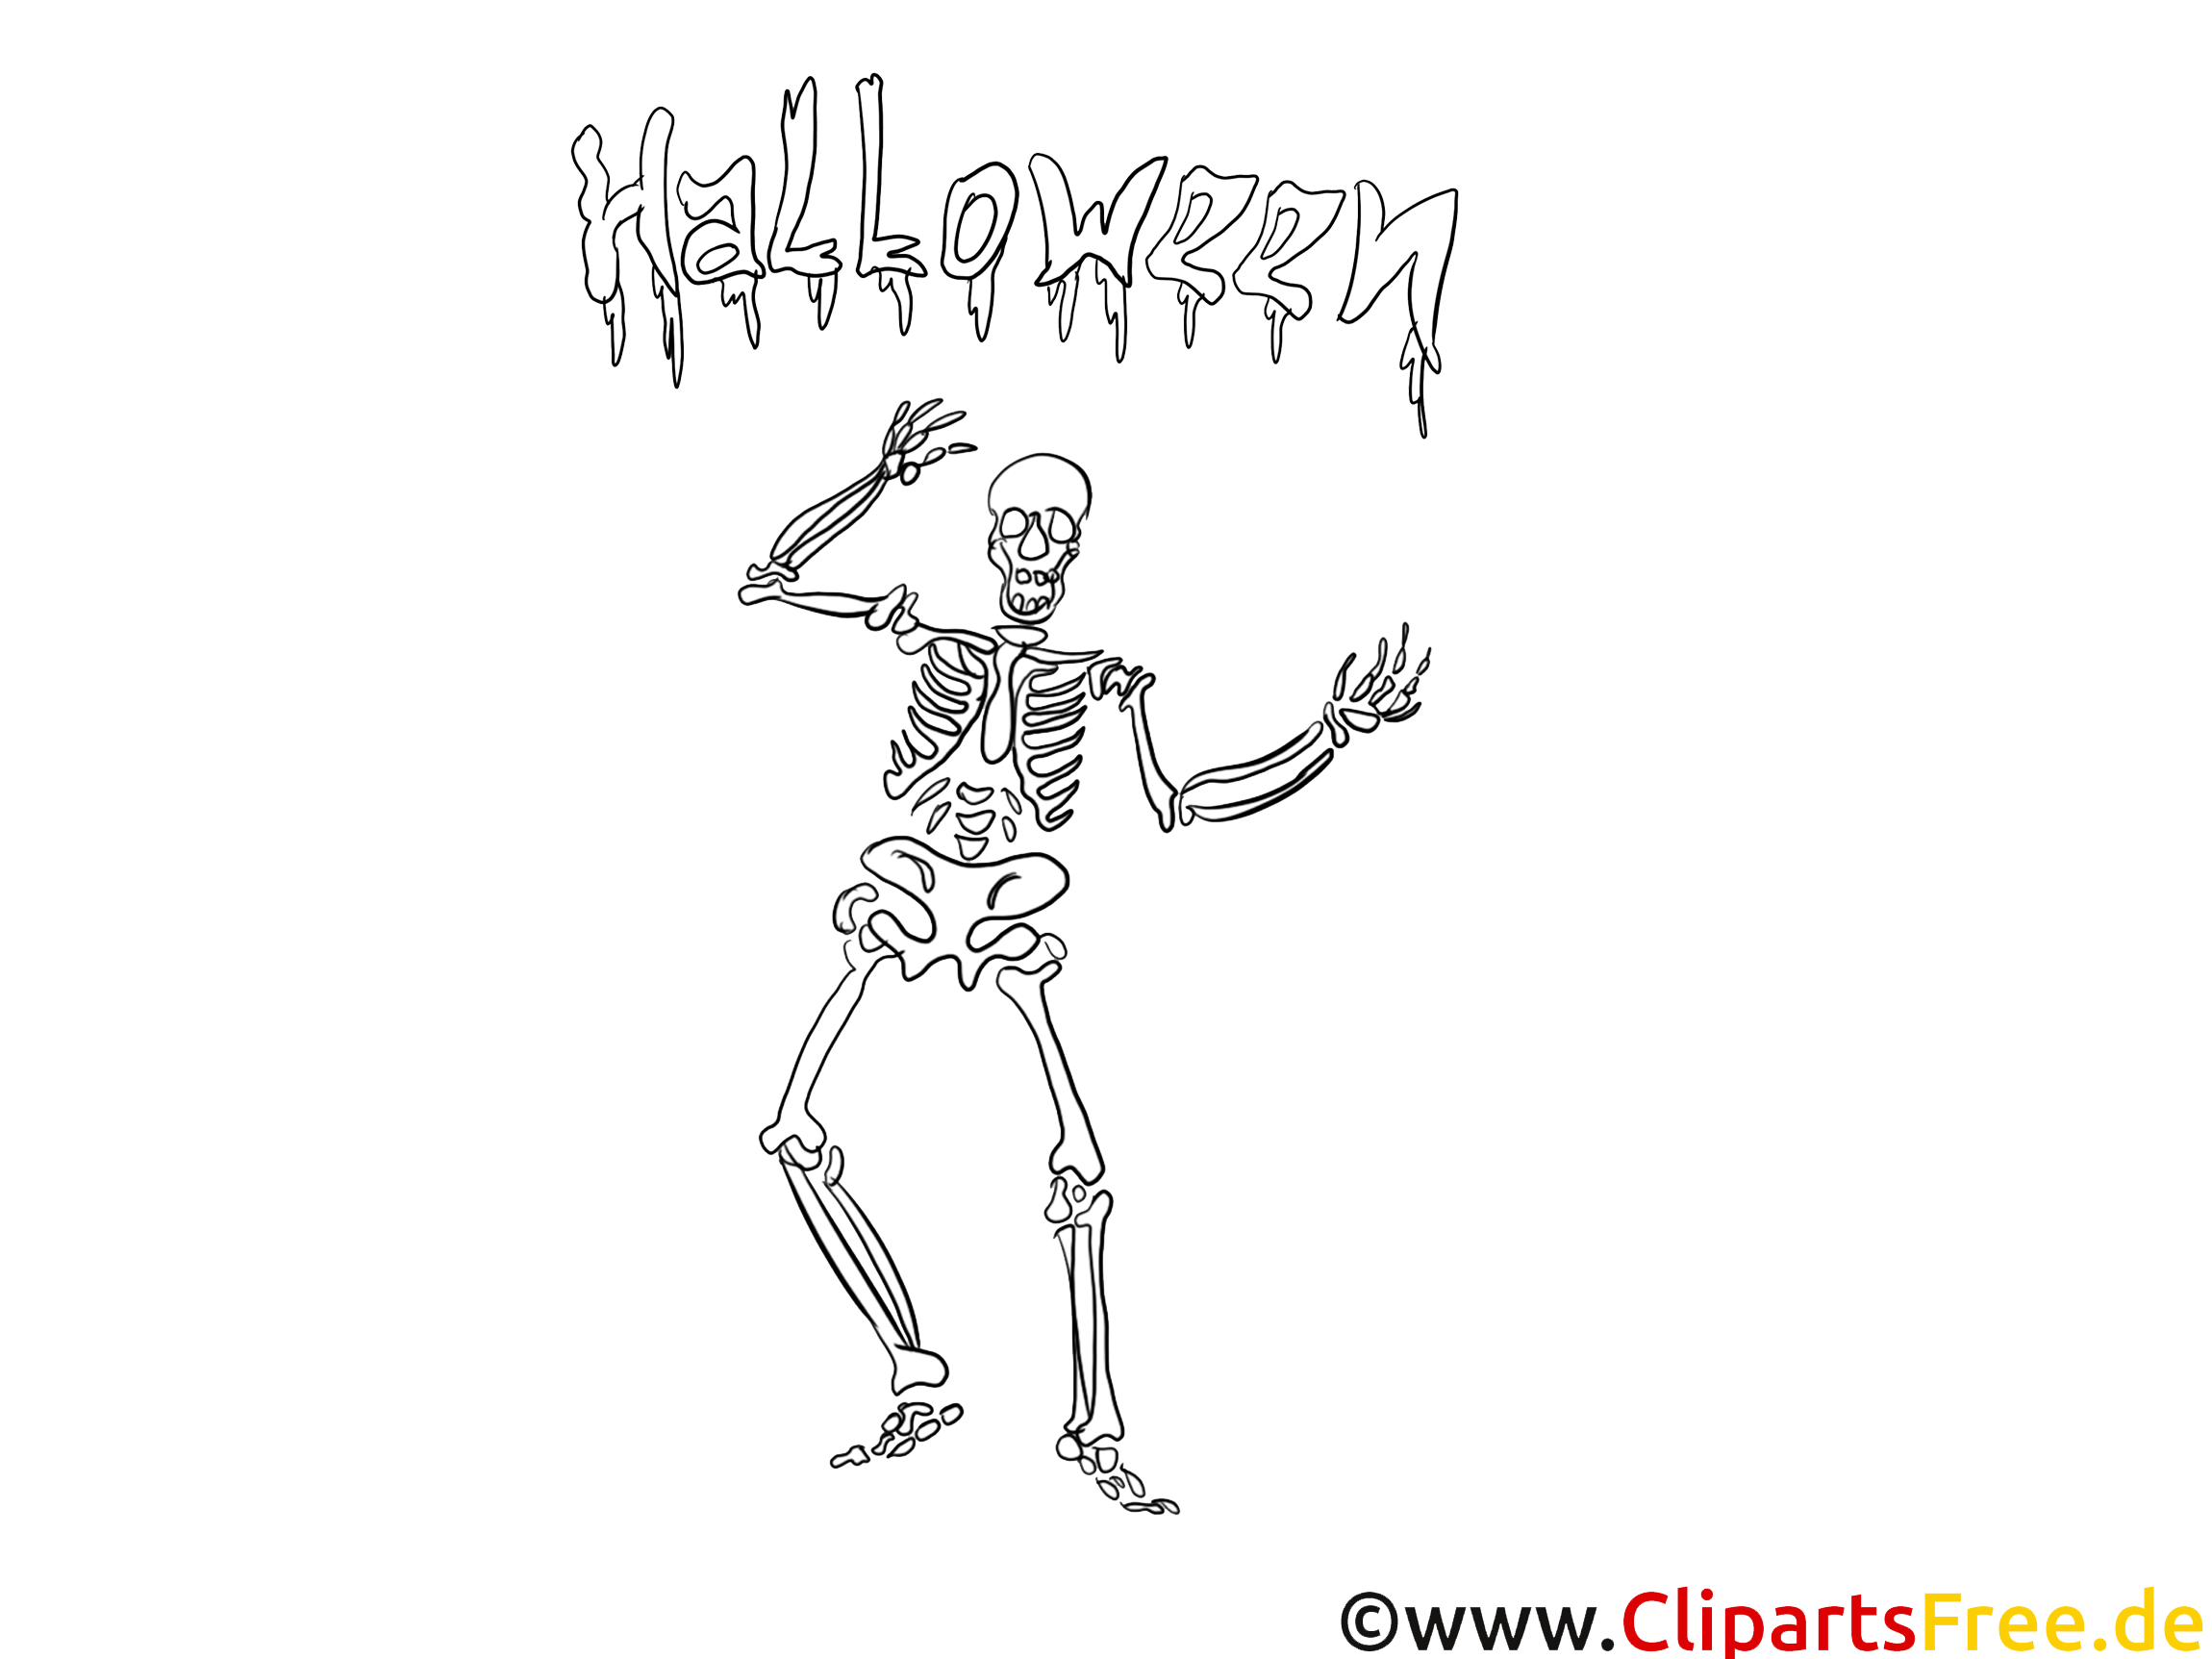 Squelette clipart – Halloween dessins à colorier